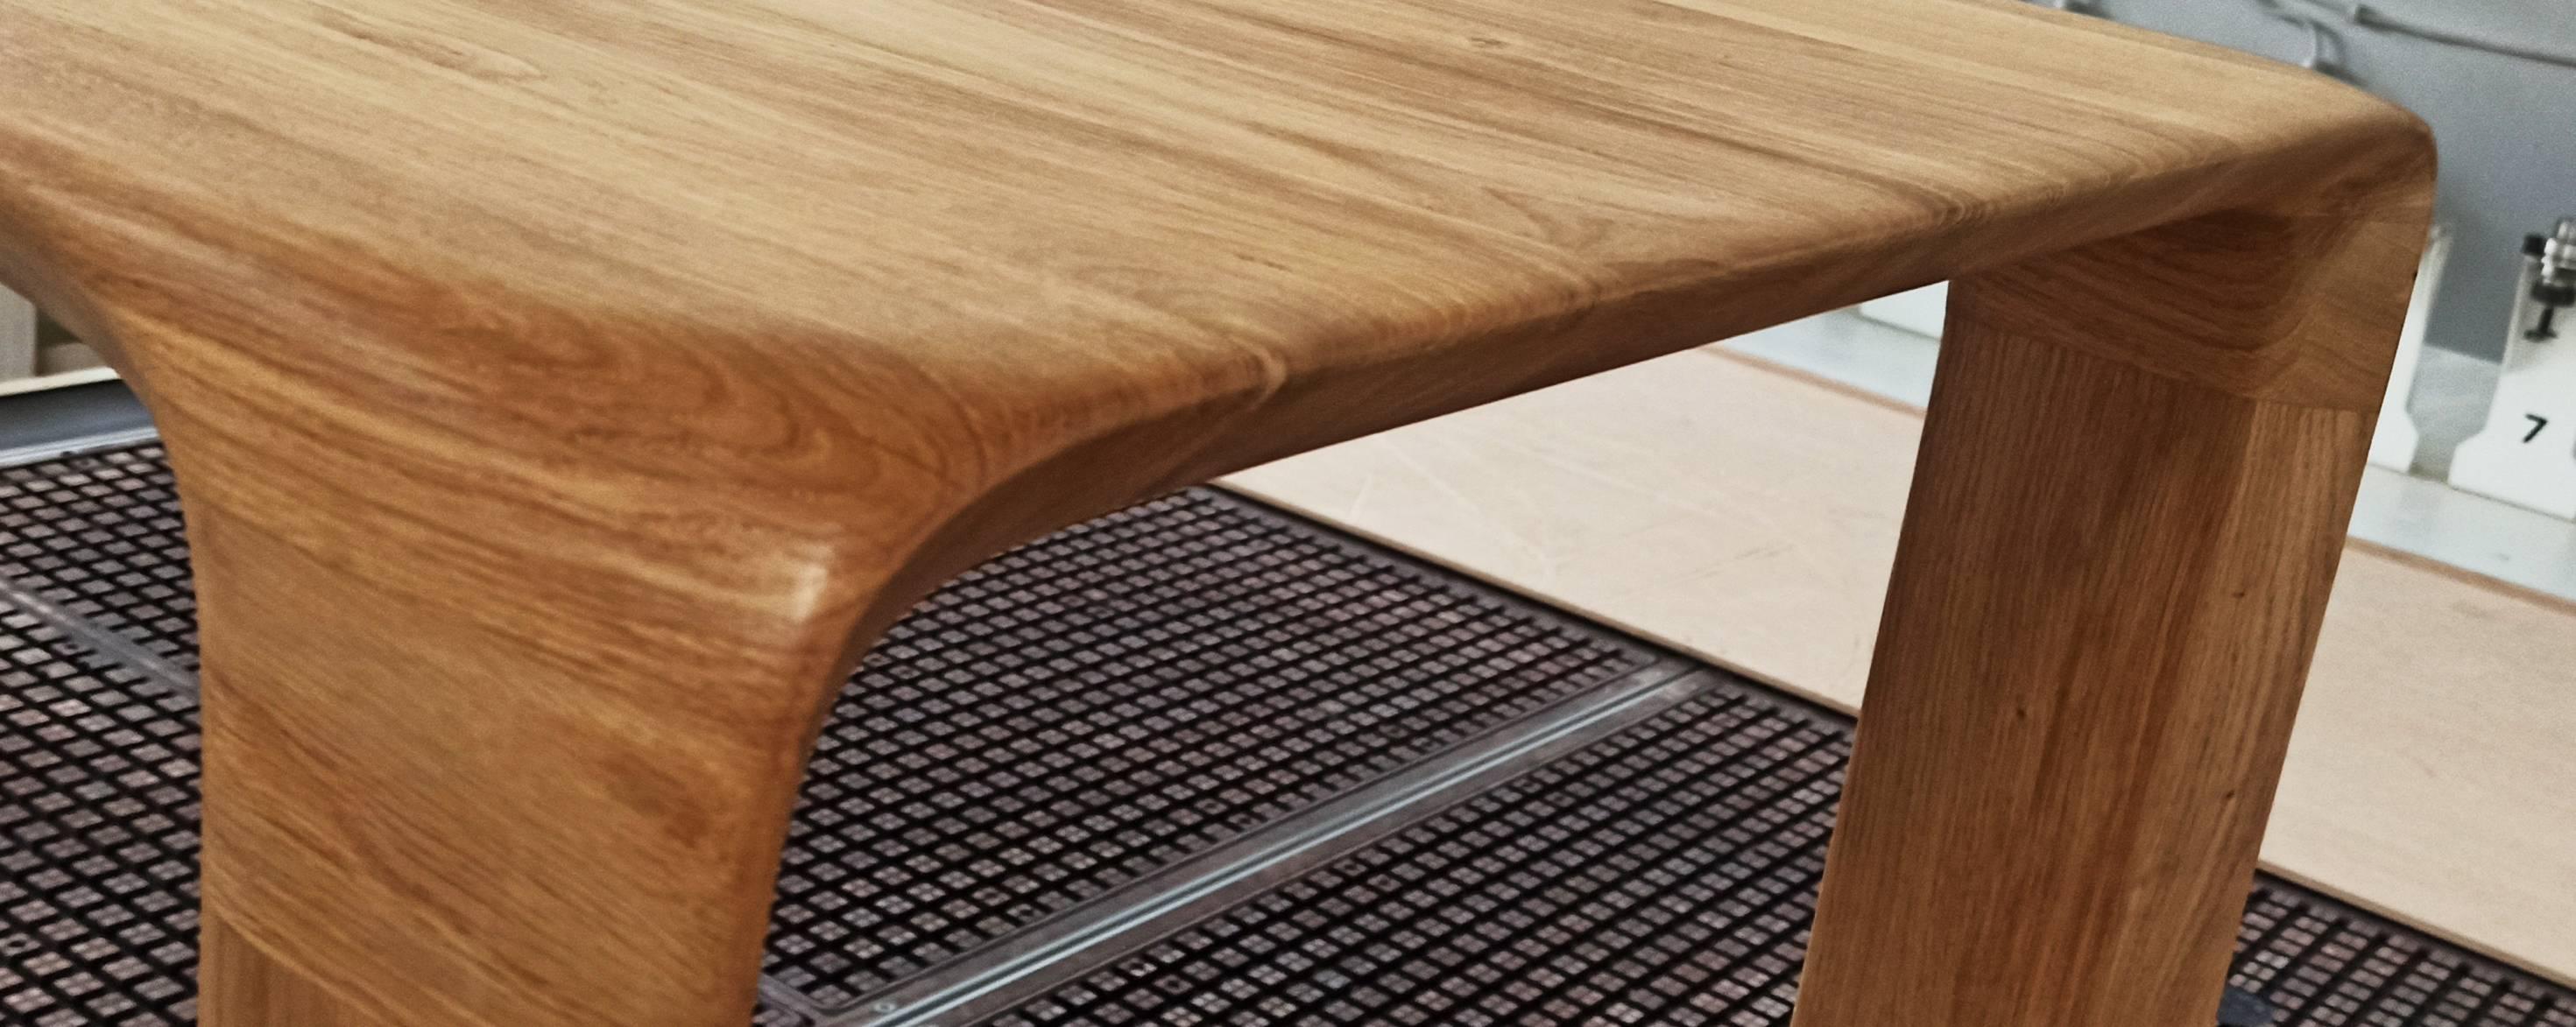 stół w jednolitej formie